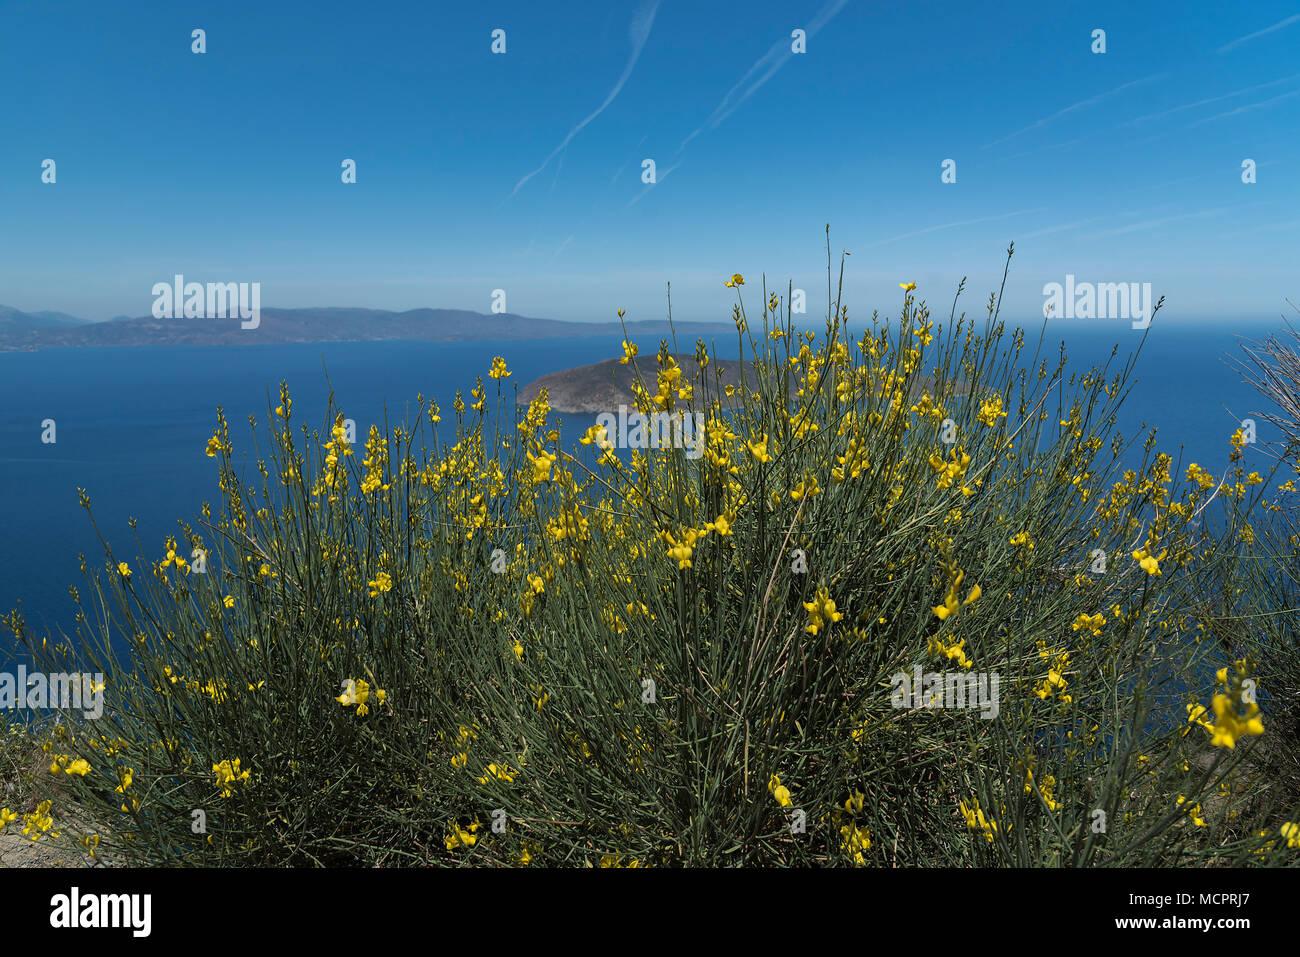 Ein geln blühender Ginsterstrauch an der Norostküste Kretas mit Blick auf eine Insel im Mittelmeer - Stock Image